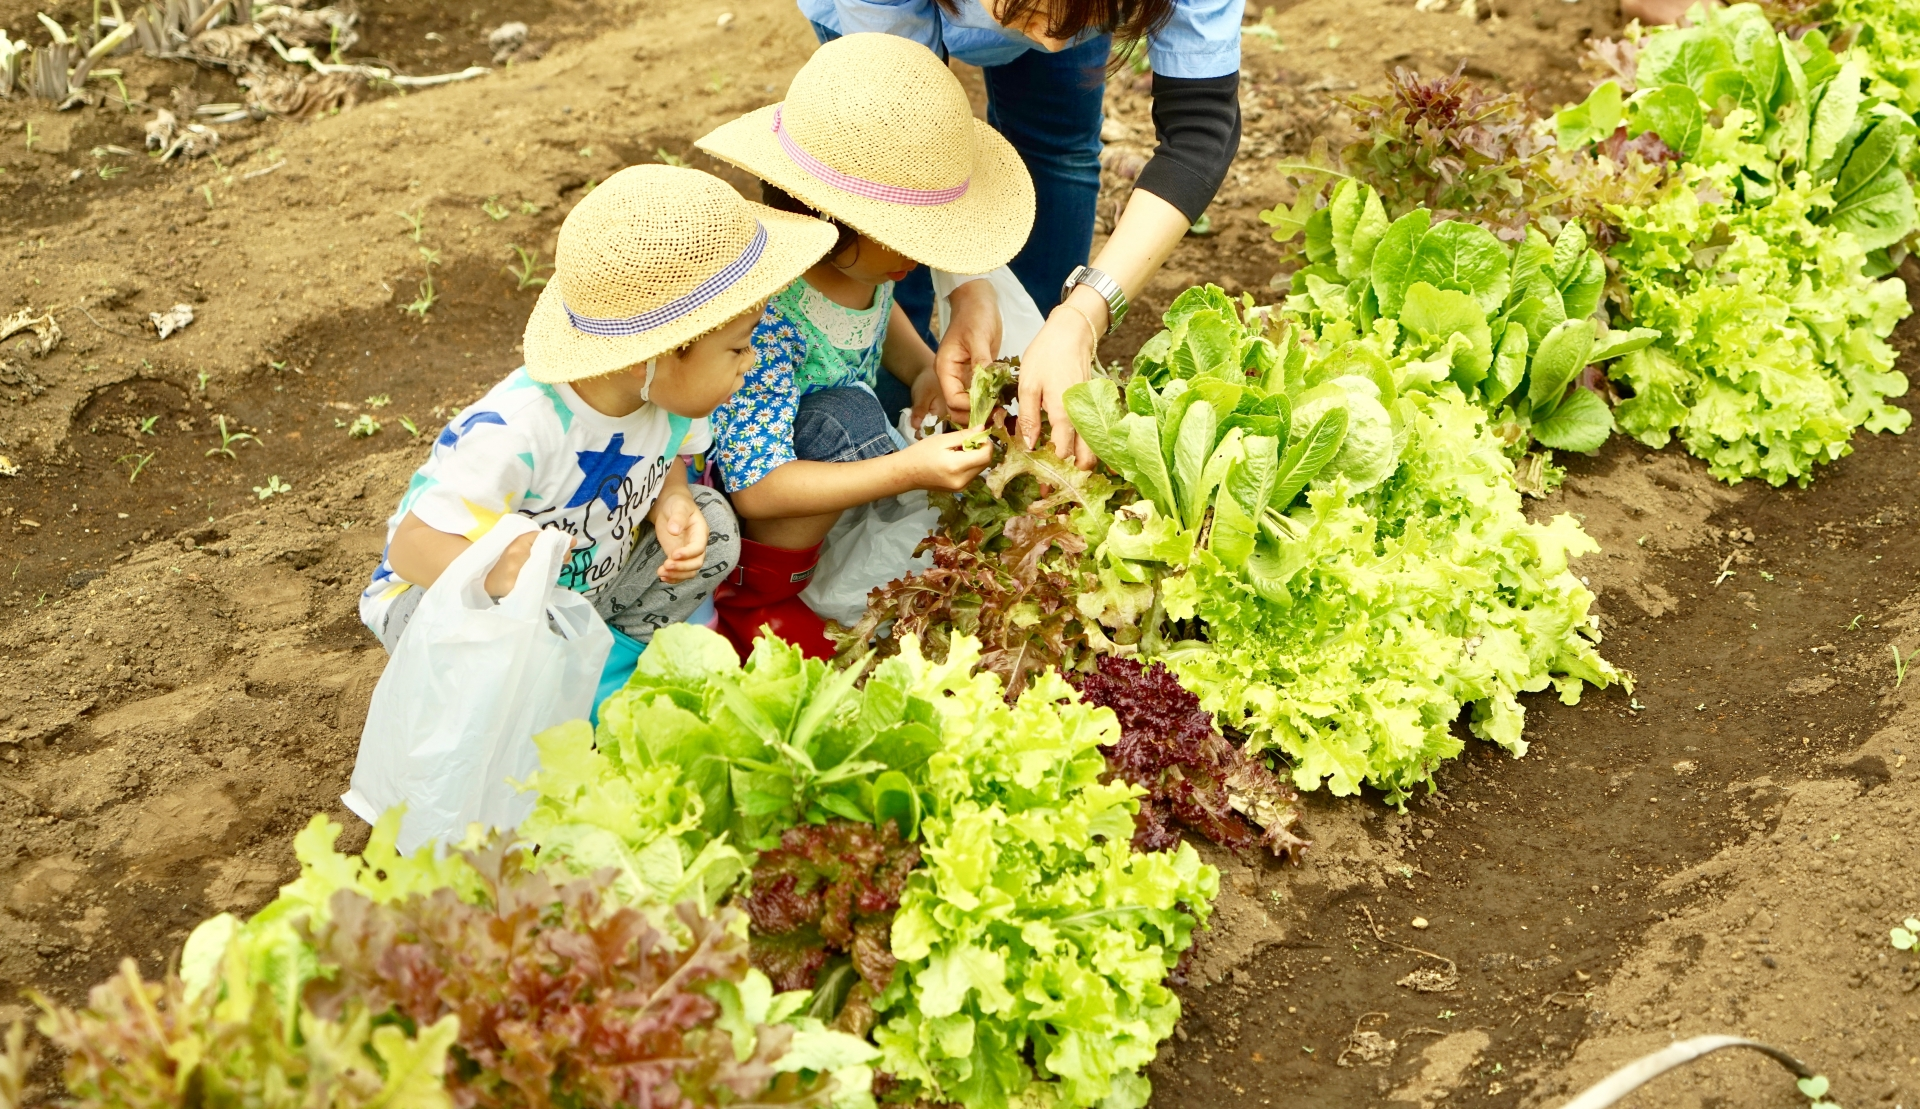 【貸し農園をレンタル!】シェア畑で自分産の野菜を育ててみよう